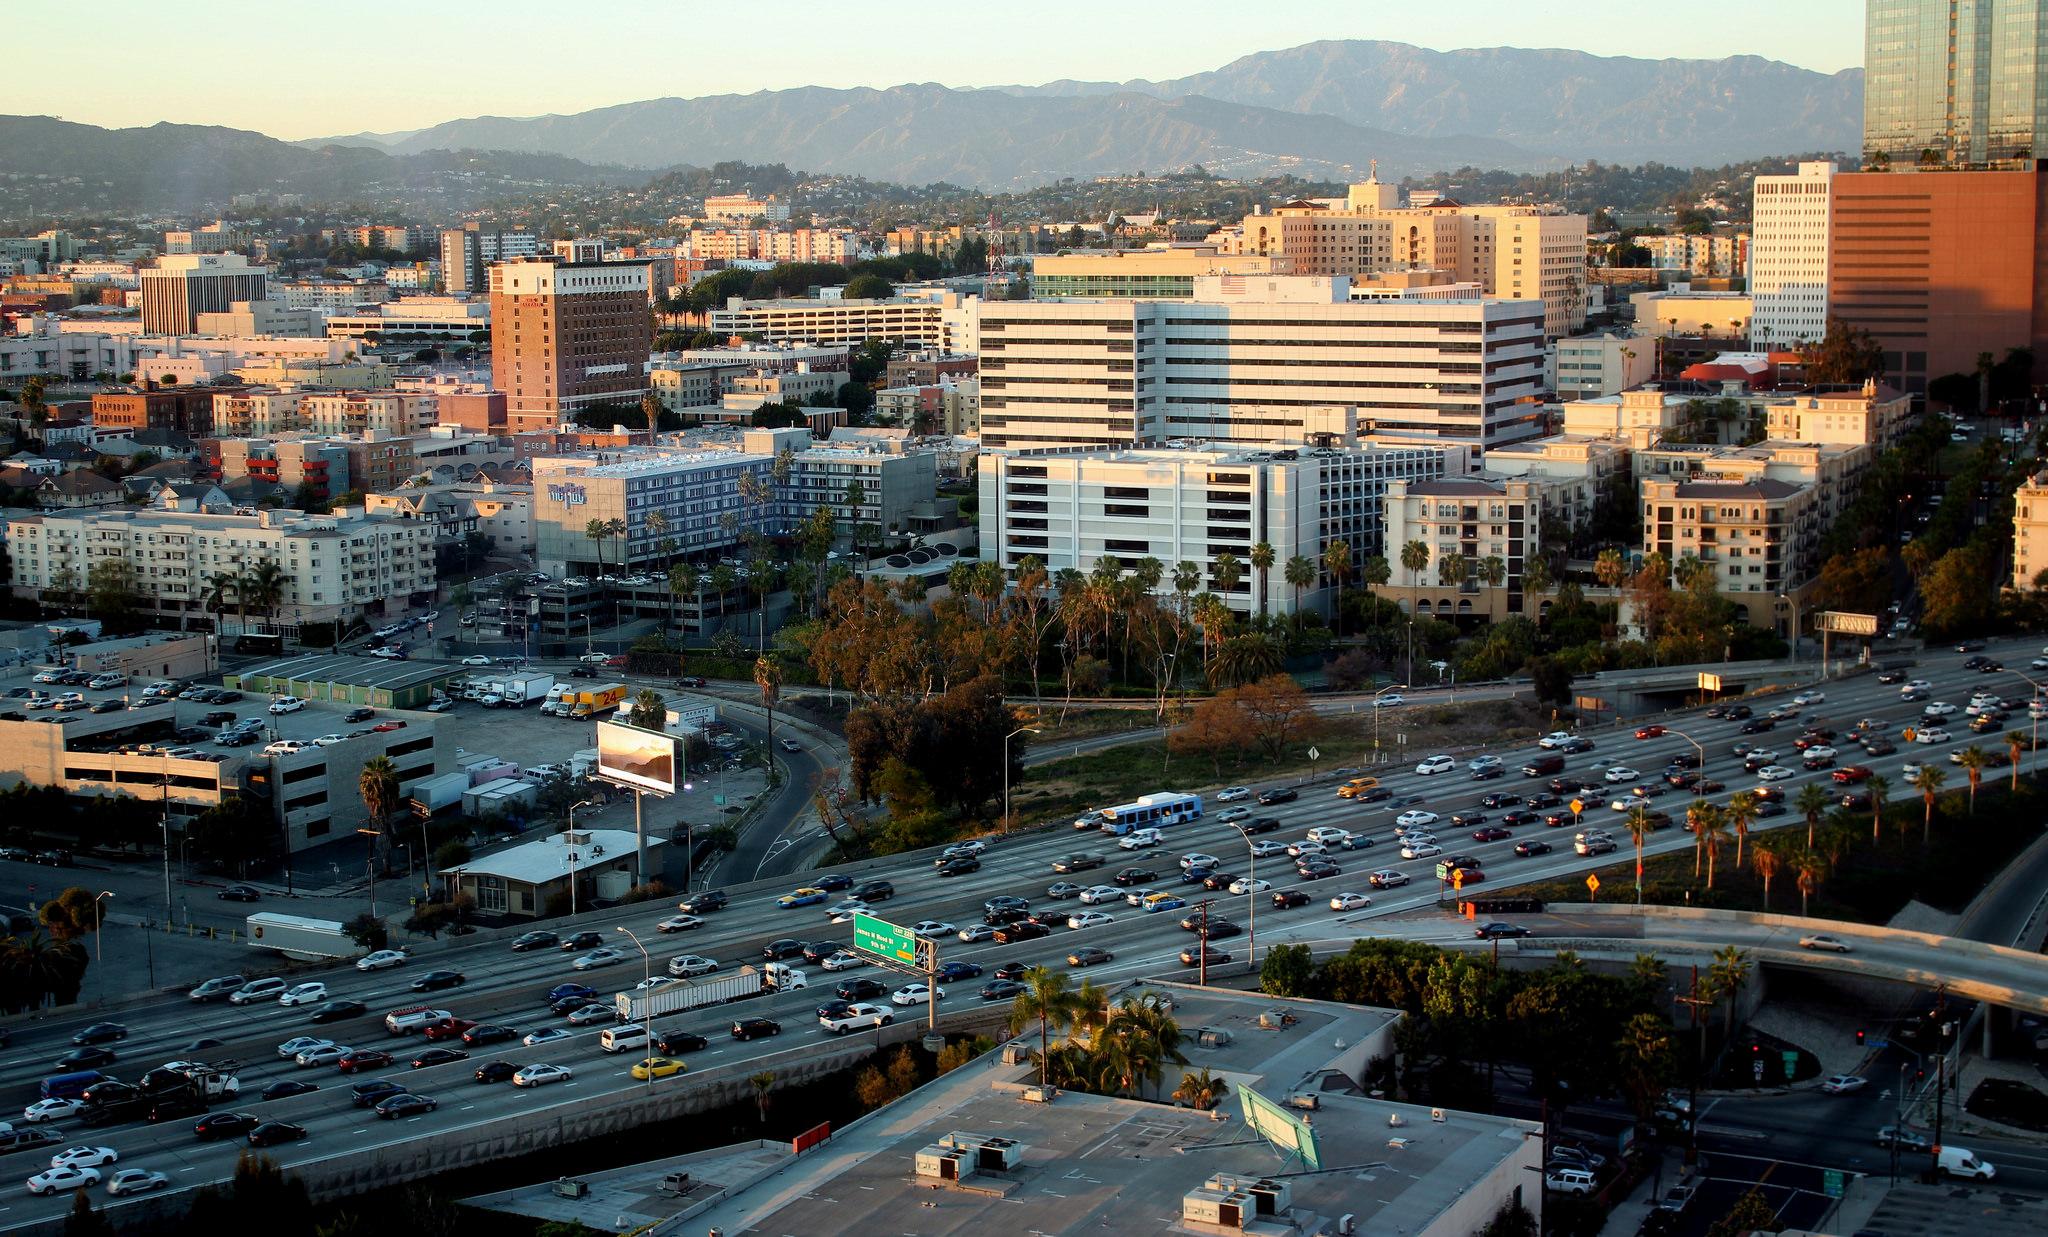 8. Los Angeles, CA